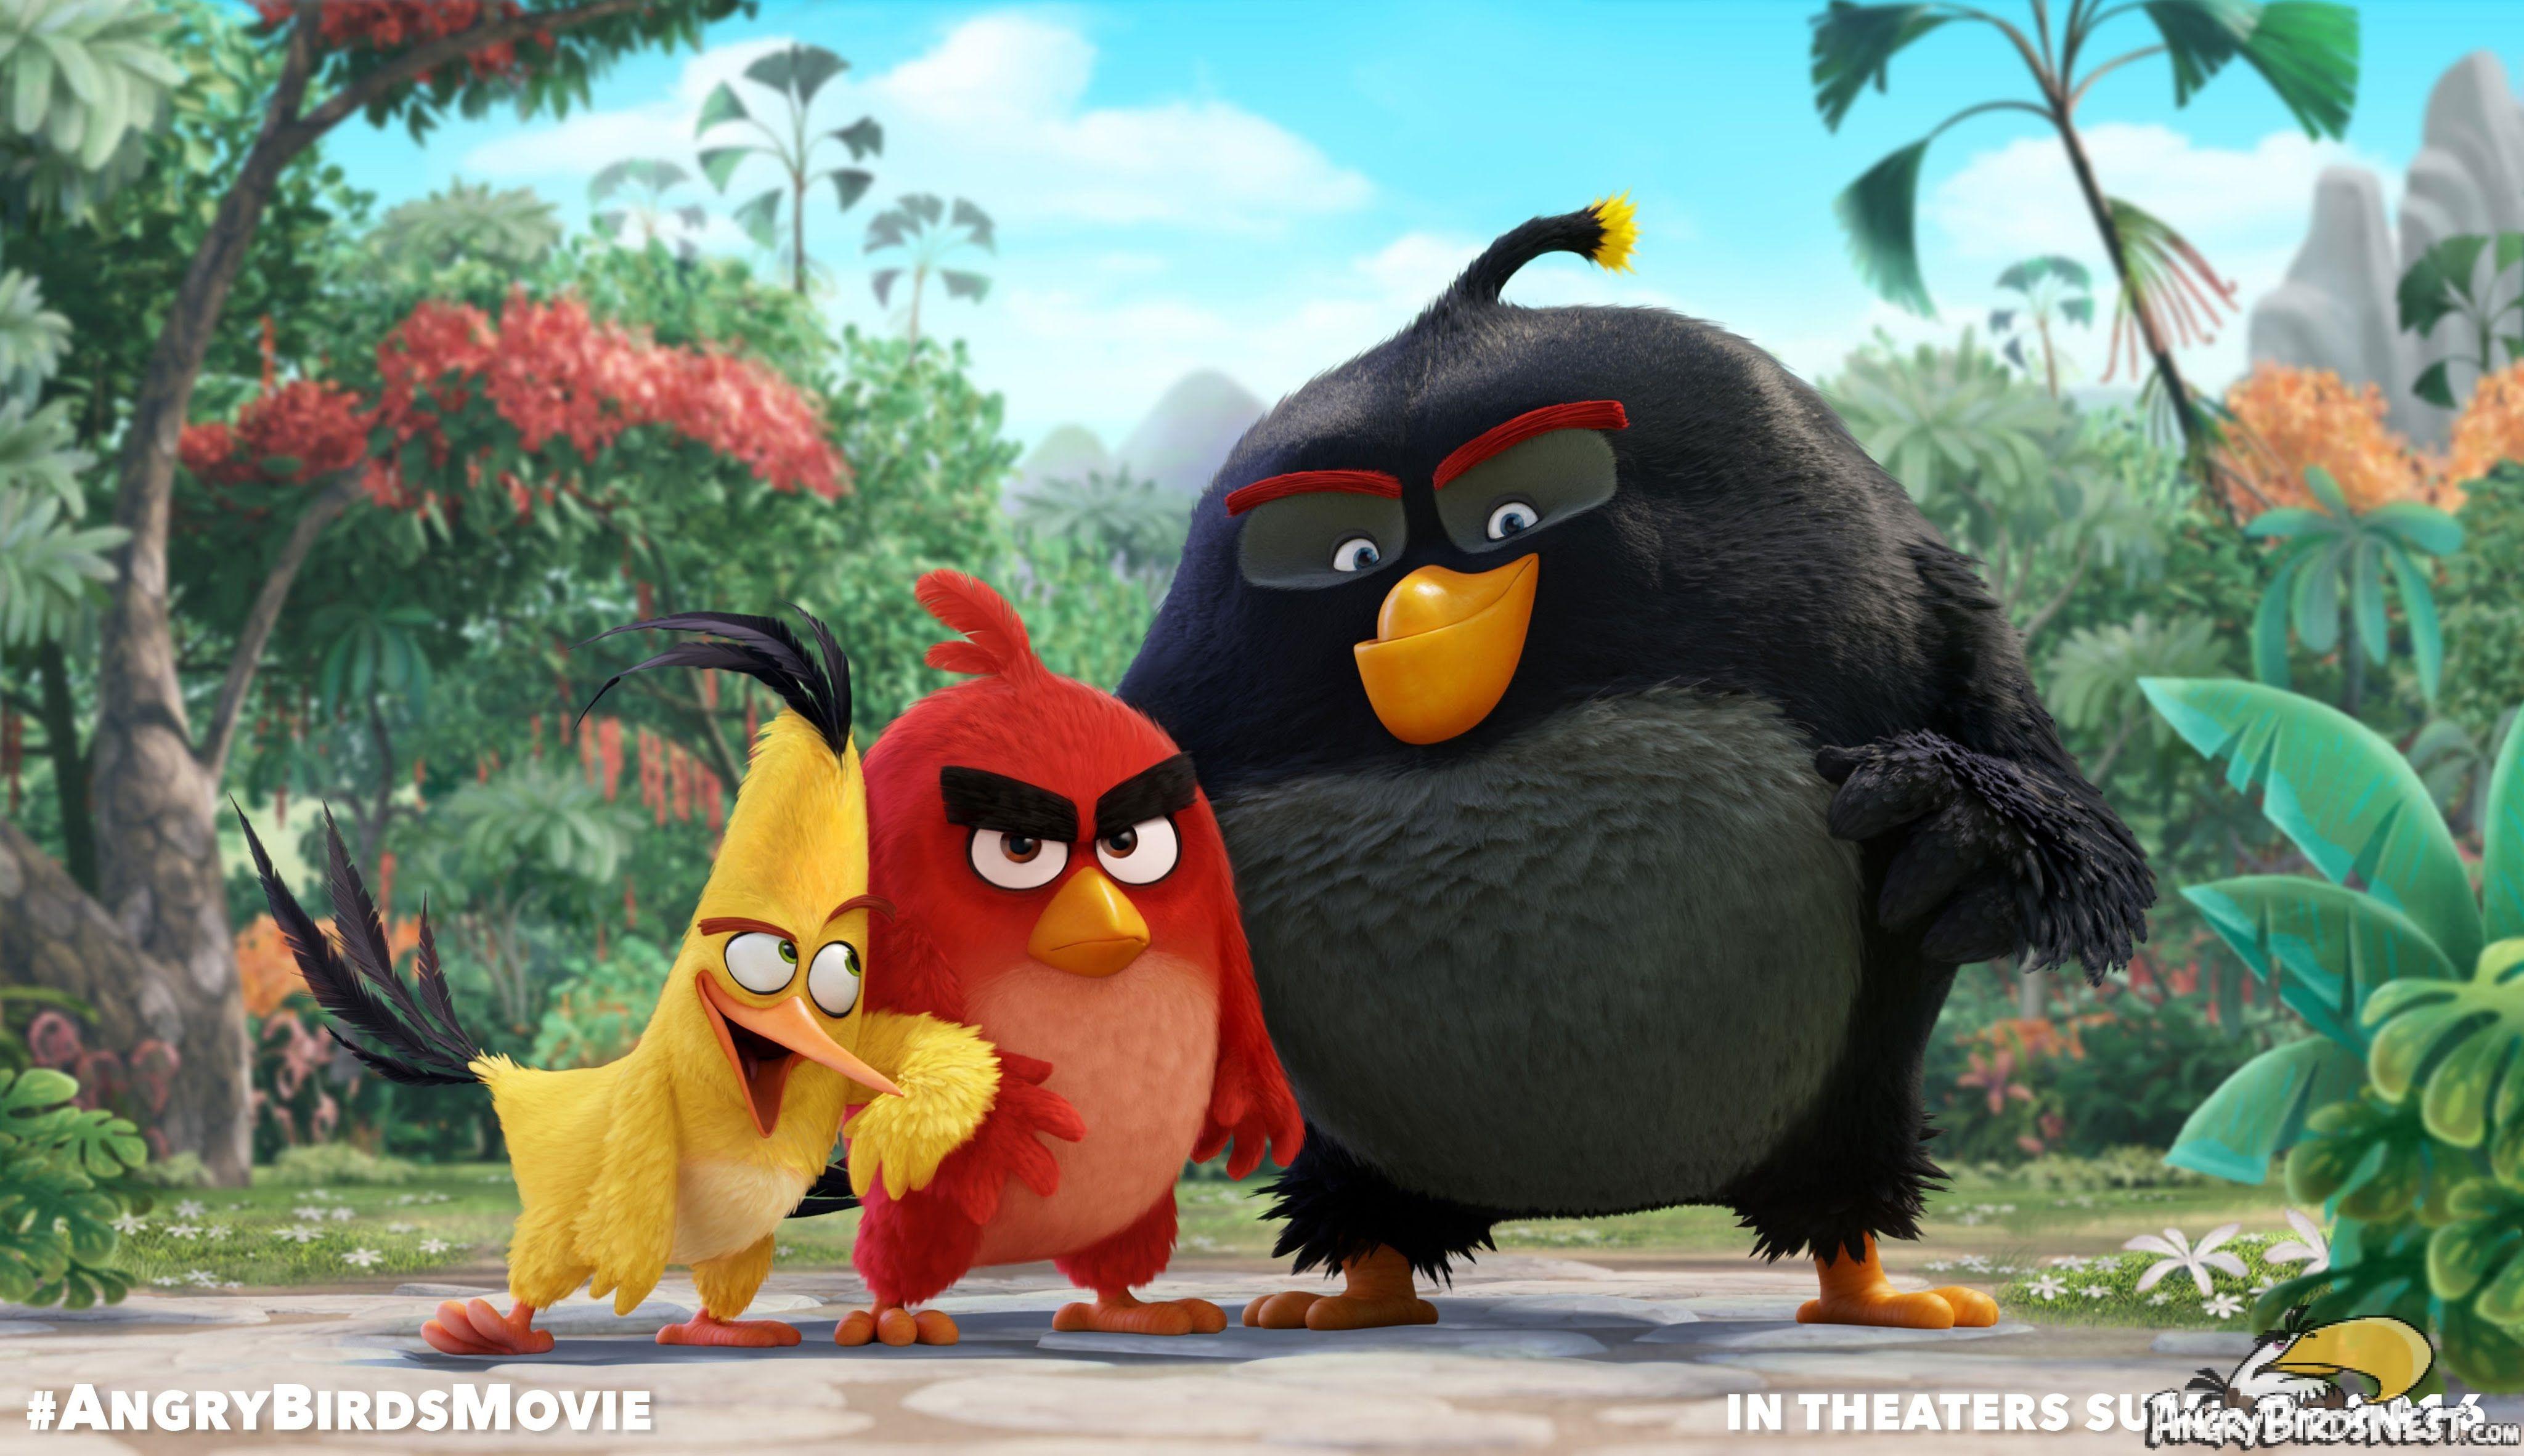 Assistir Angry Birds O Filme Completos Em Portugues 2016 Melhor Filmes De Animacao 2016 Angry Birds Angry Birds Filme Filmes Completos